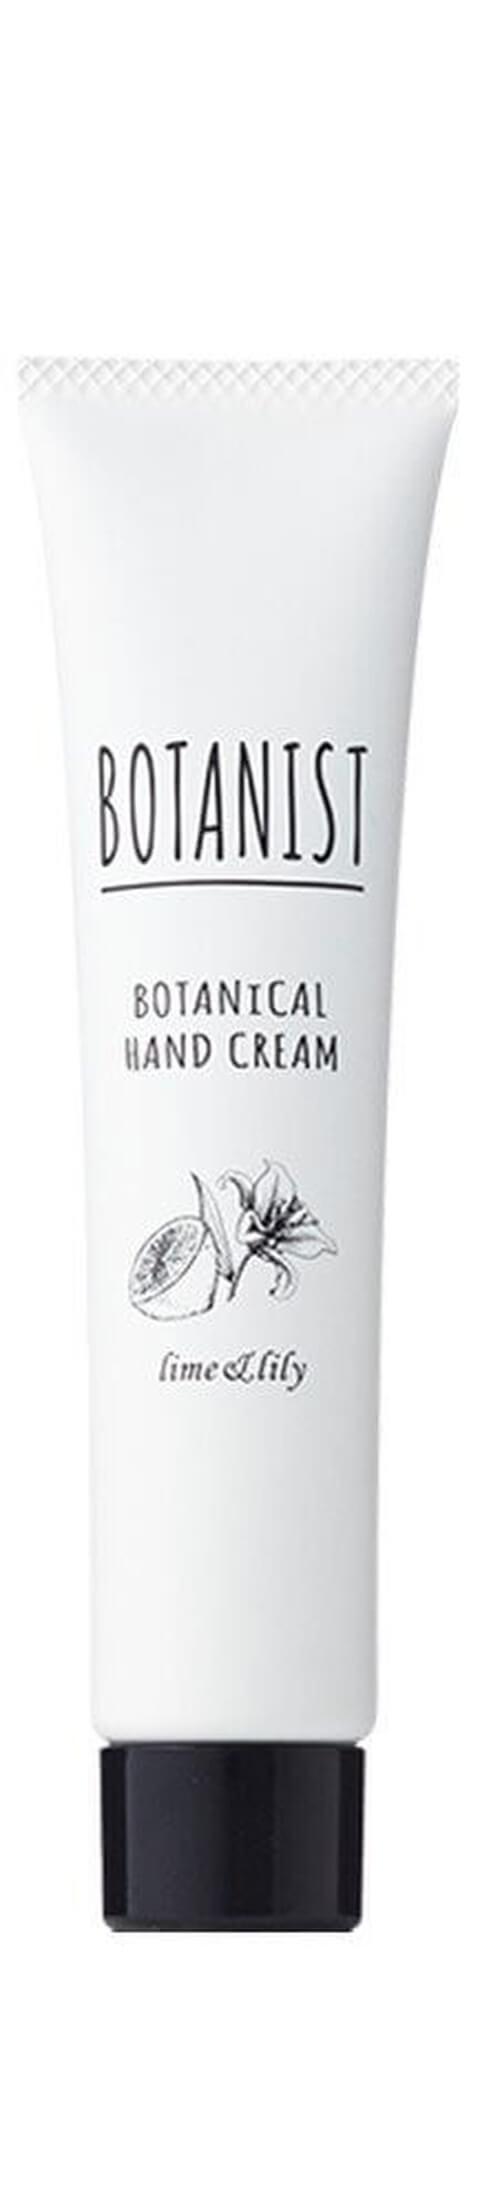 ボタニカルハンドクリーム